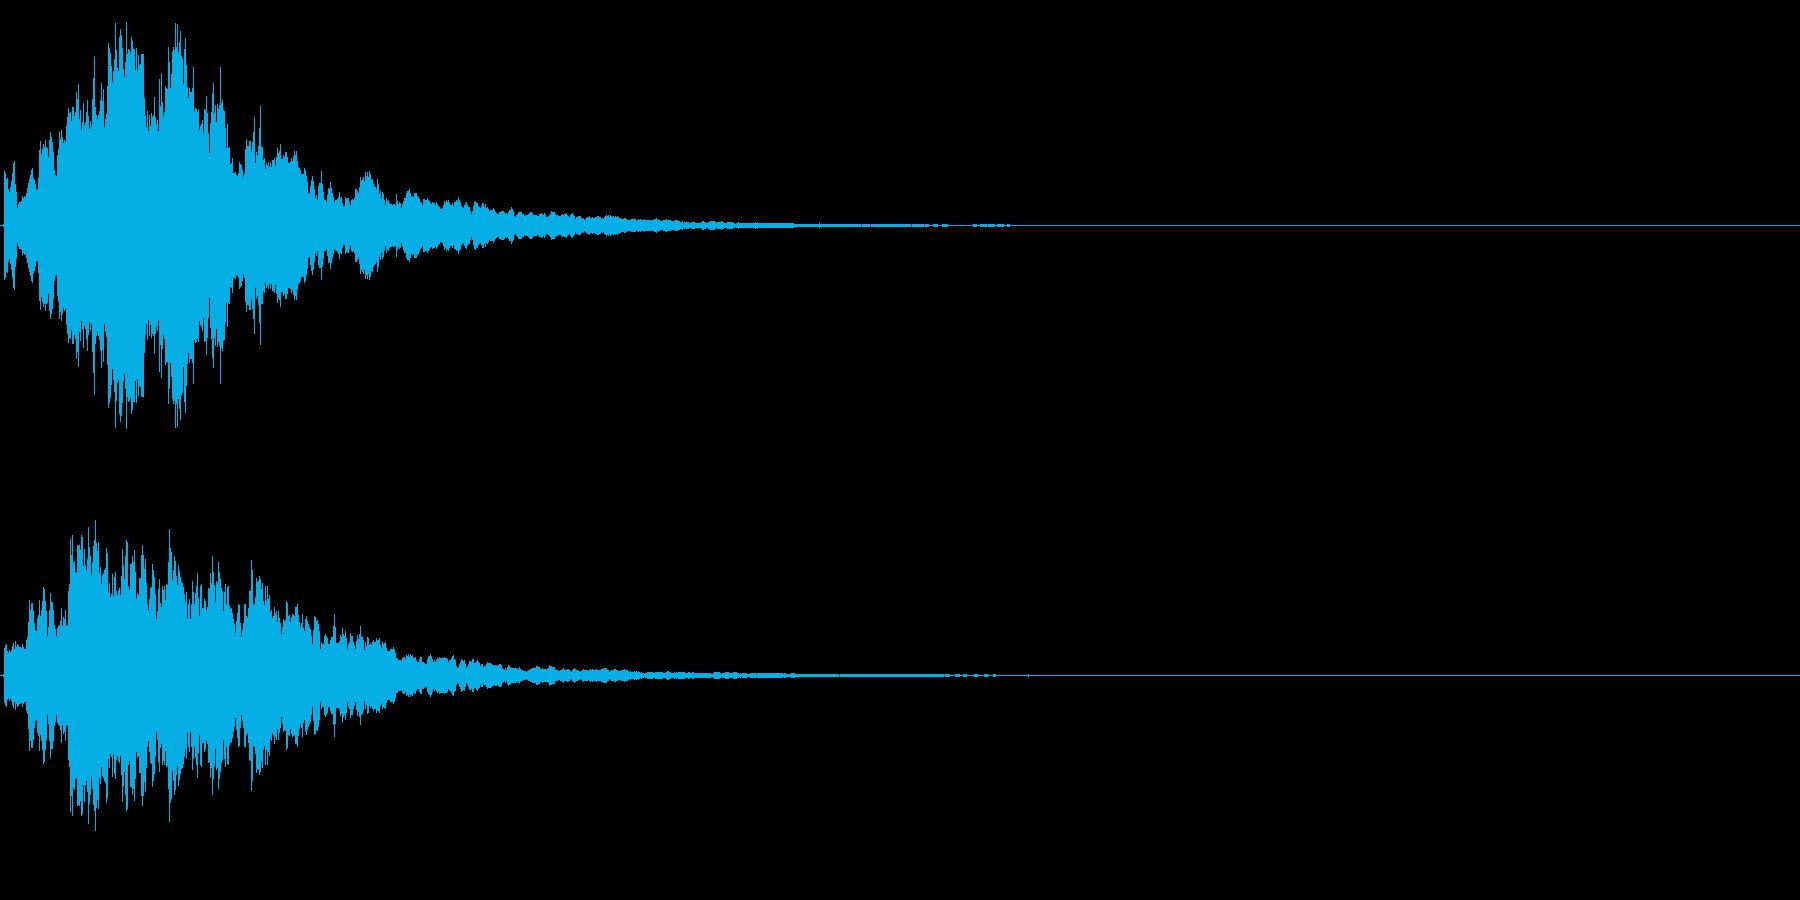 ゲームスタート、決定、ボタン音-128の再生済みの波形